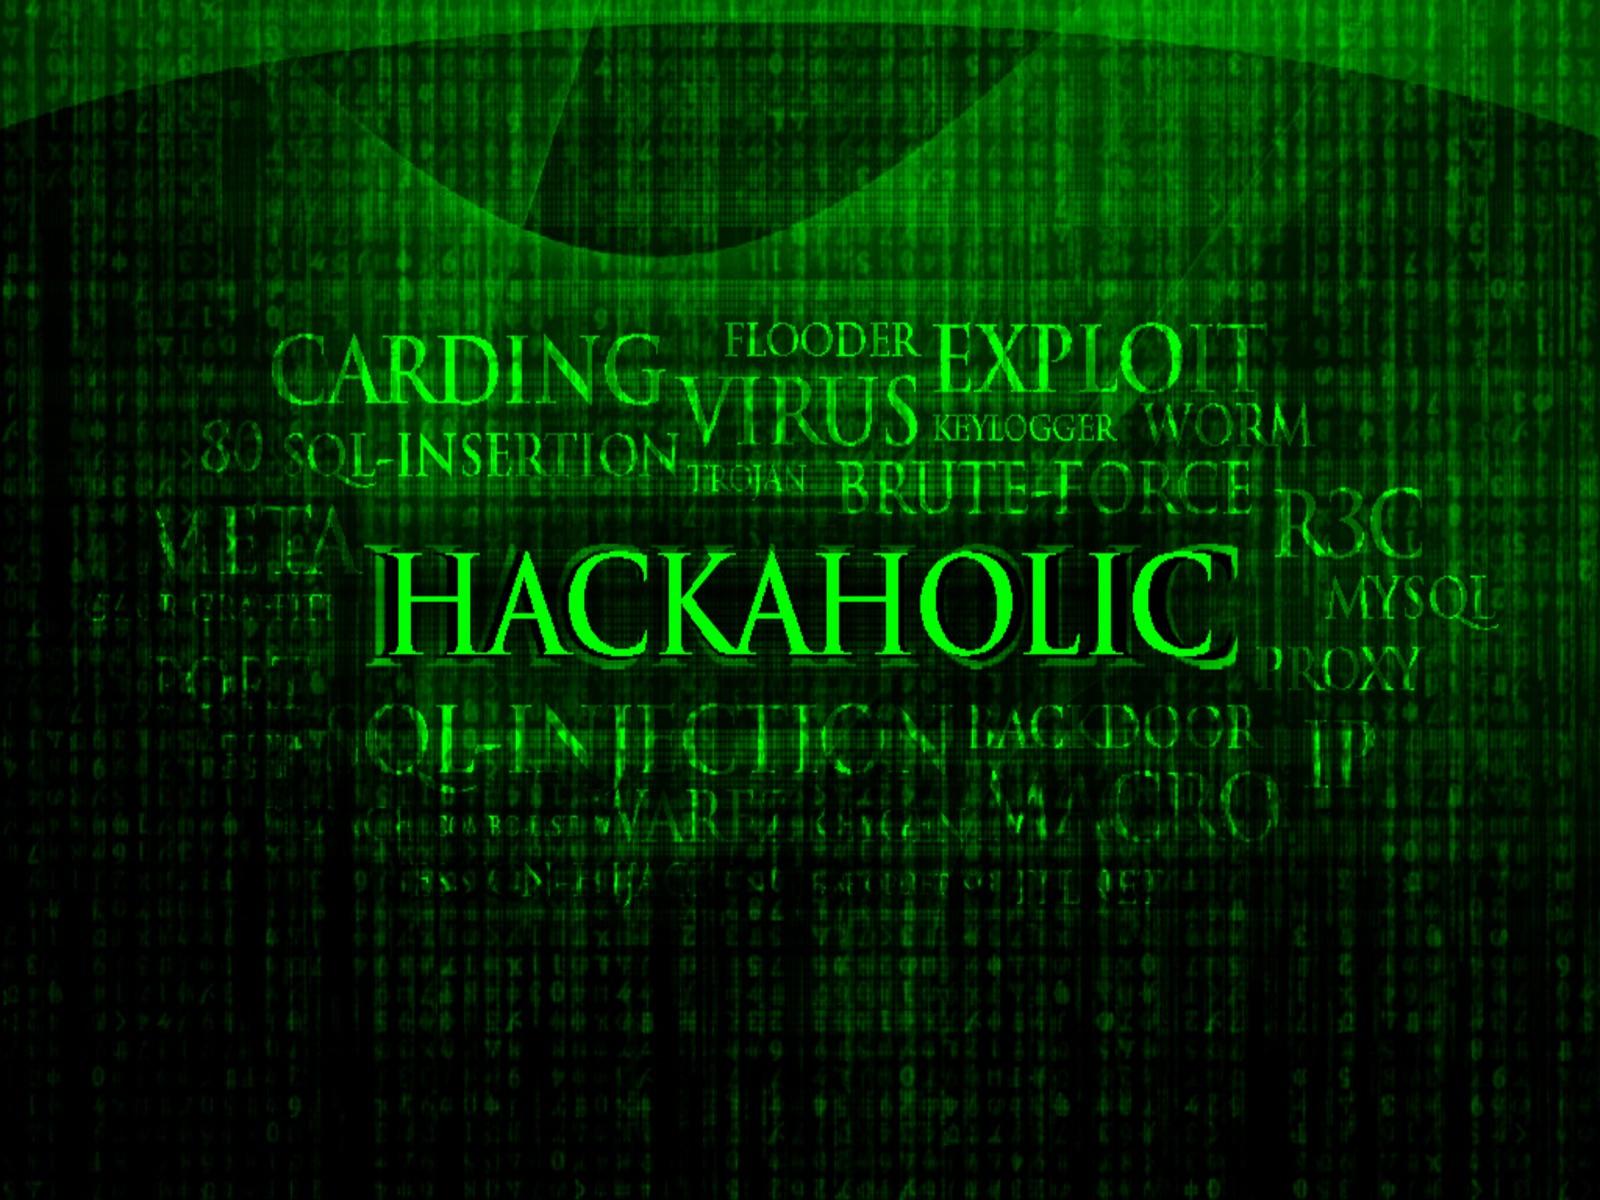 Hacker Wallpaper 19201200 Hd 16001200 hack 1600x1200